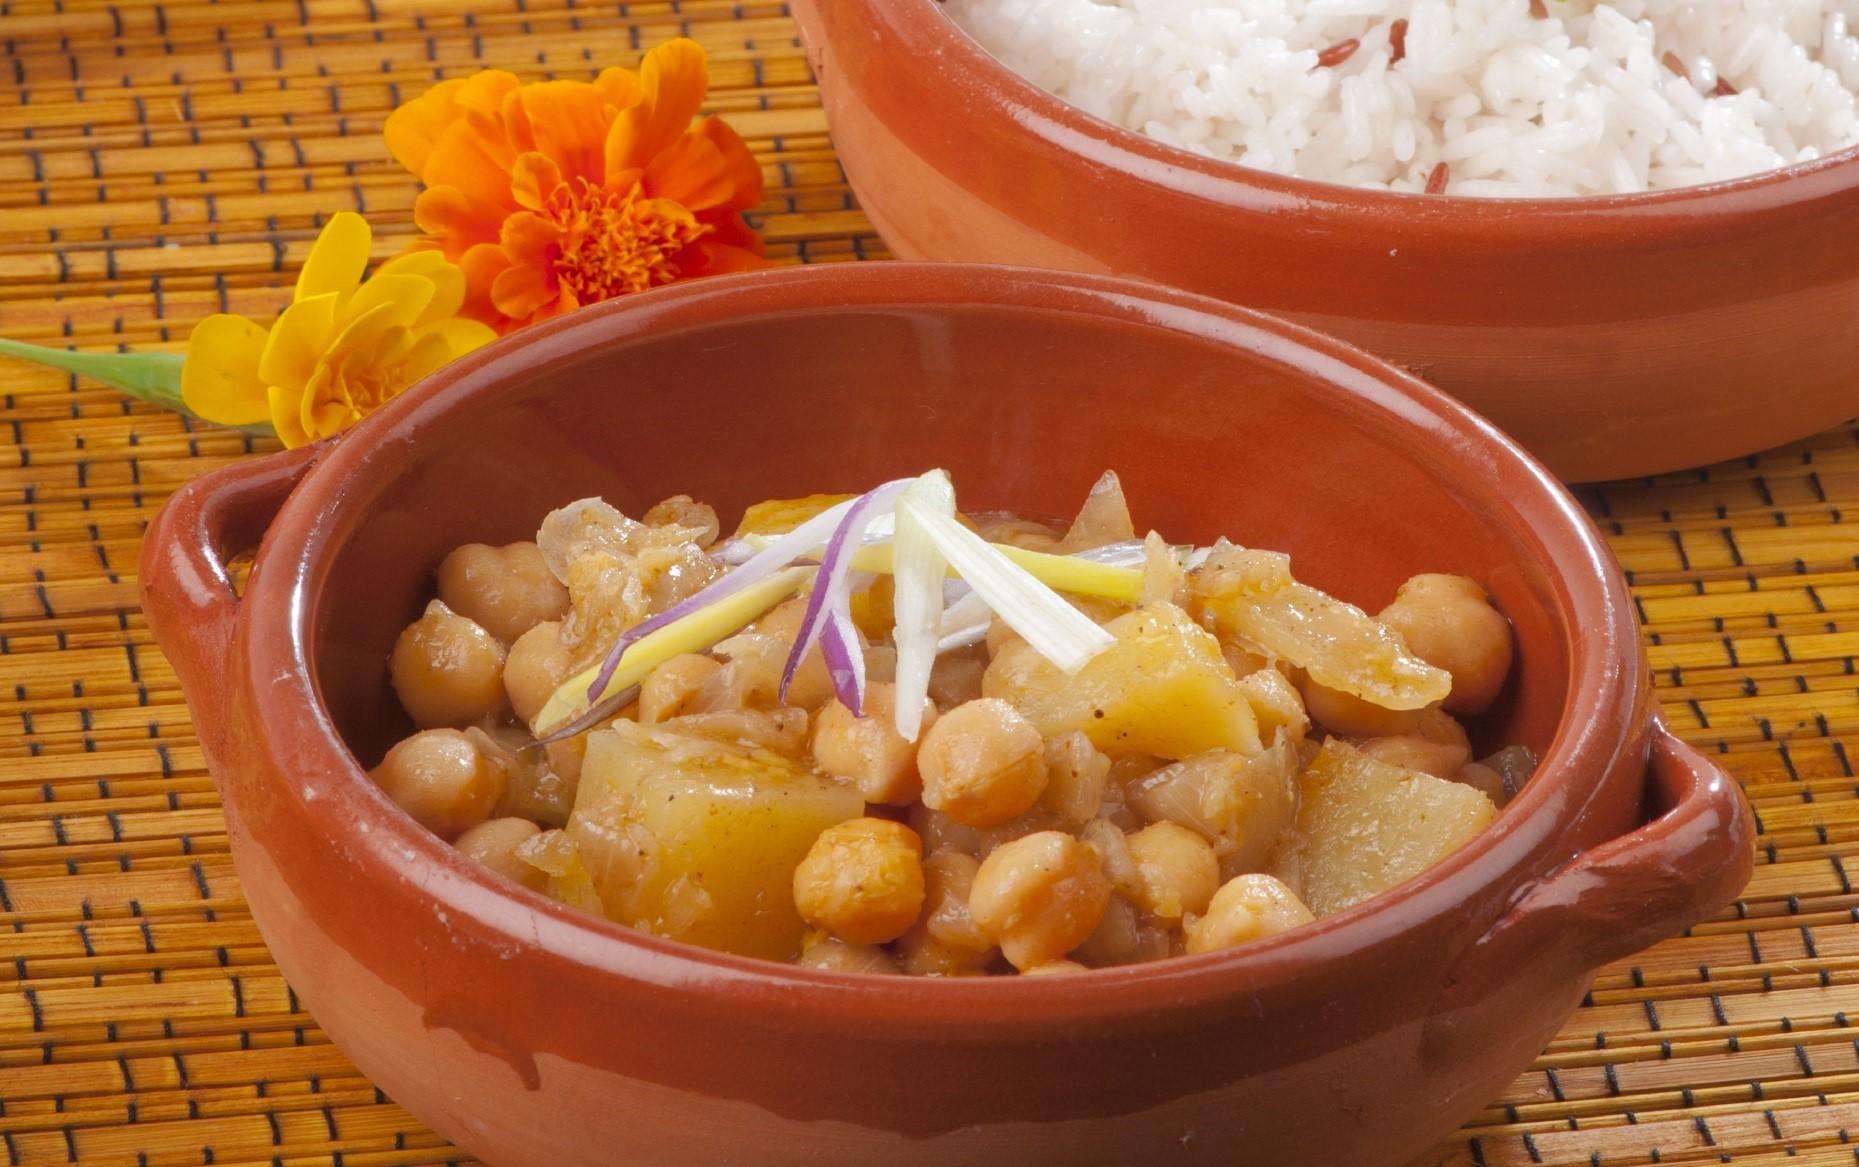 Indian potato and chickpea curry Stuffat veġetarjan bil-patata u ċ-ċiċri stil Indjan